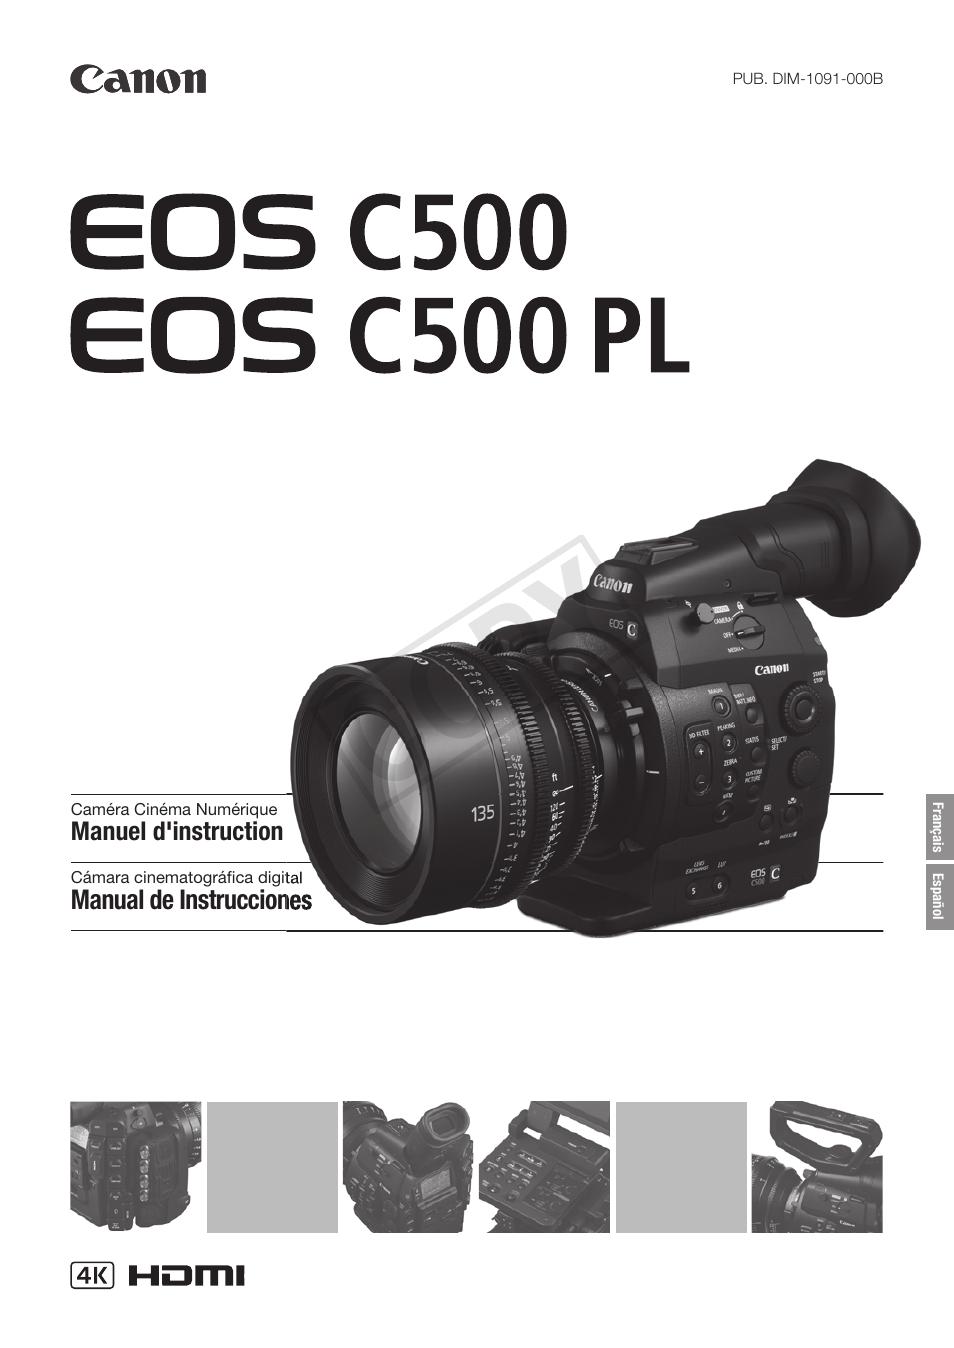 Canon EOS C500 PL Manual del usuario | Páginas: 219 | También para ...